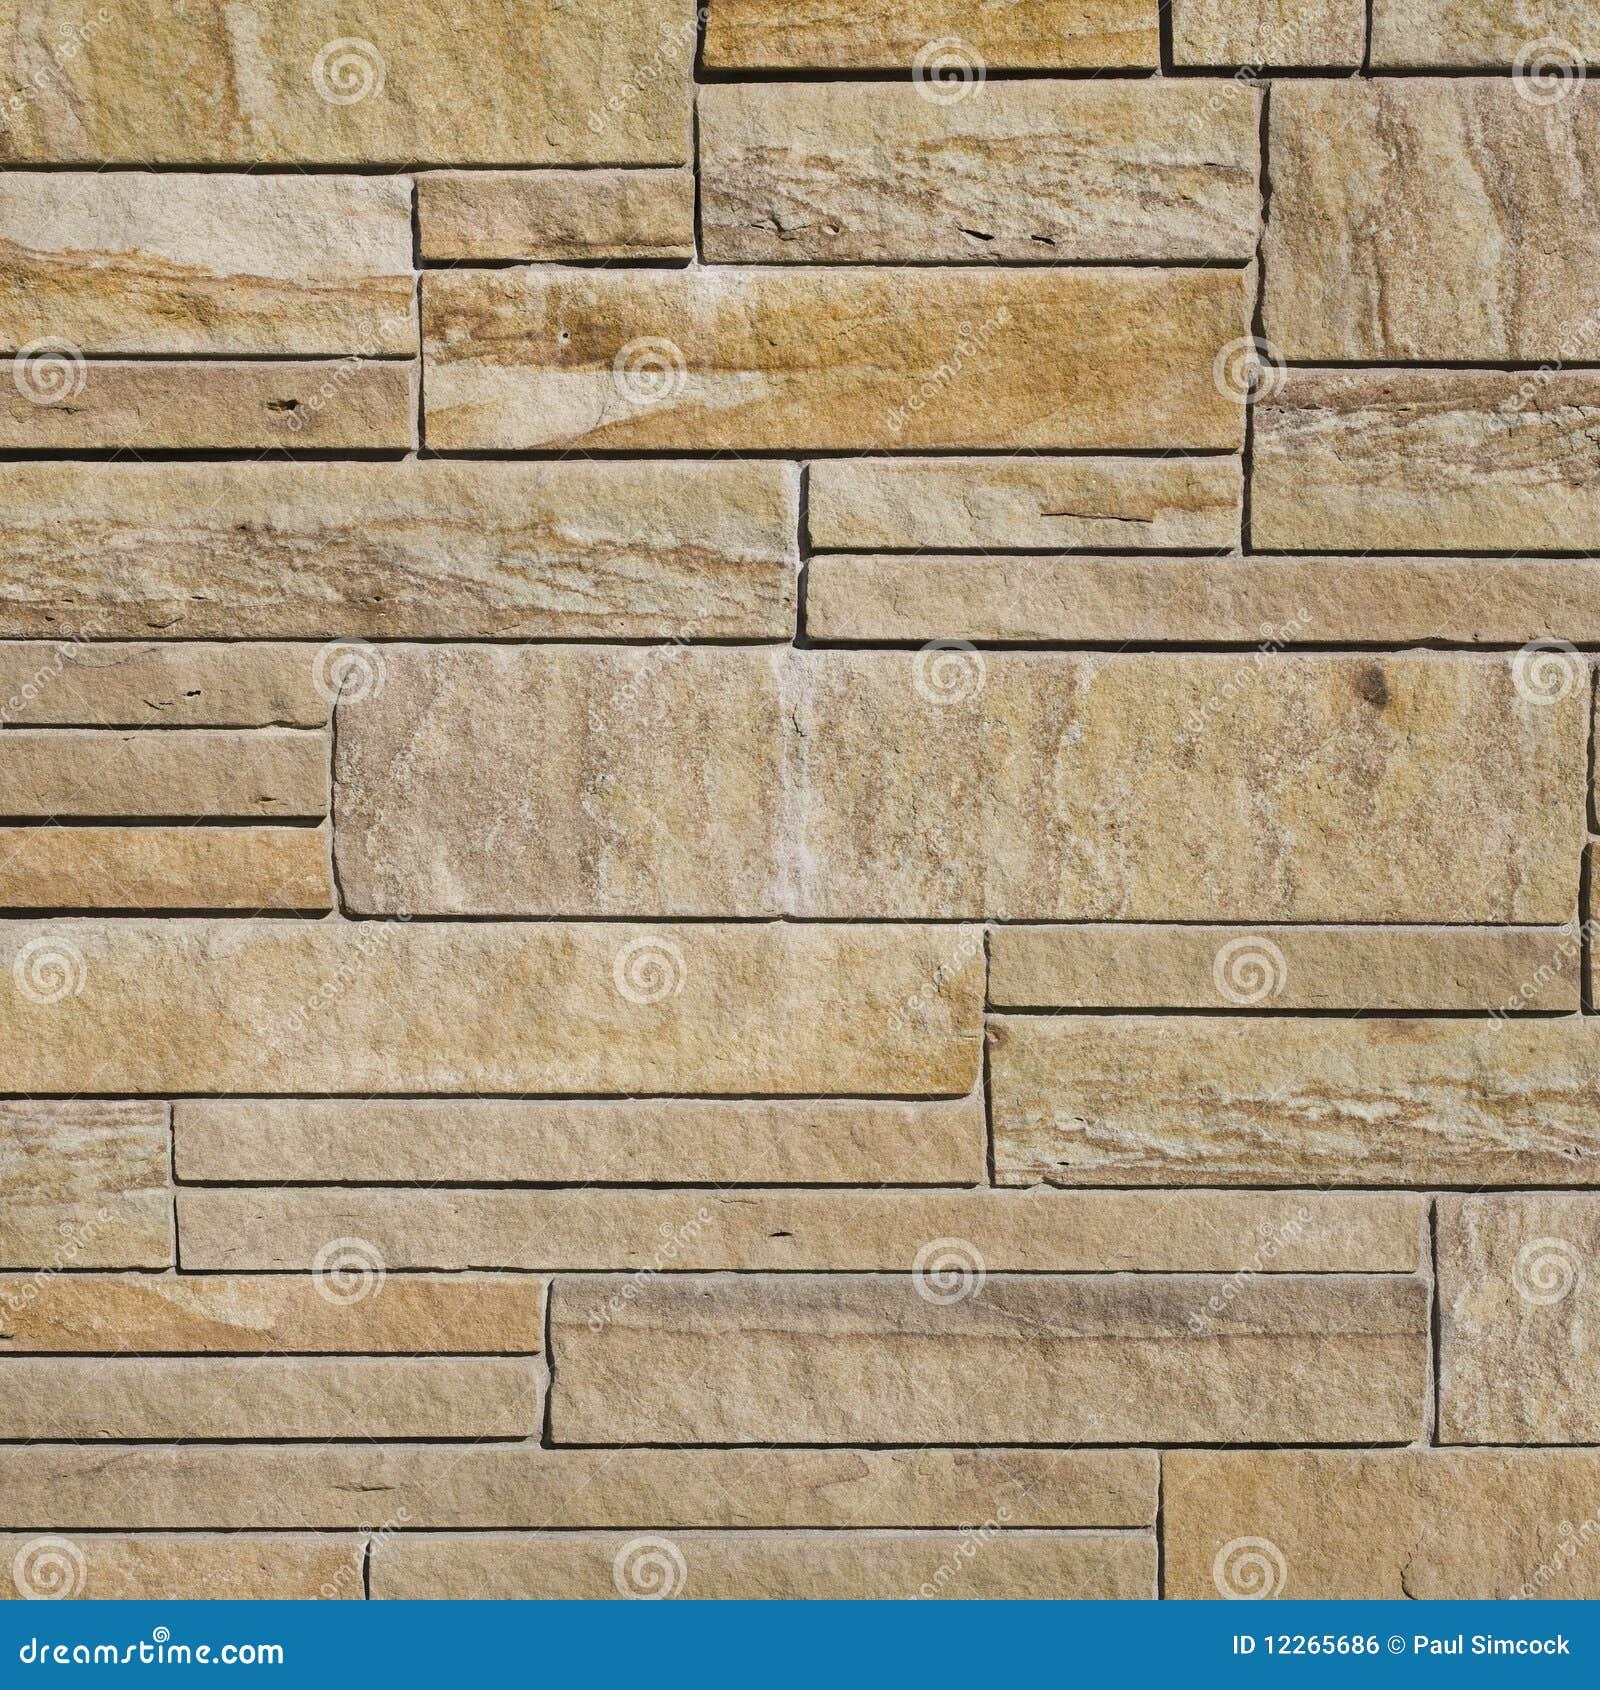 sandstein wand stockfoto bild von geb ude wand formen 12265686. Black Bedroom Furniture Sets. Home Design Ideas